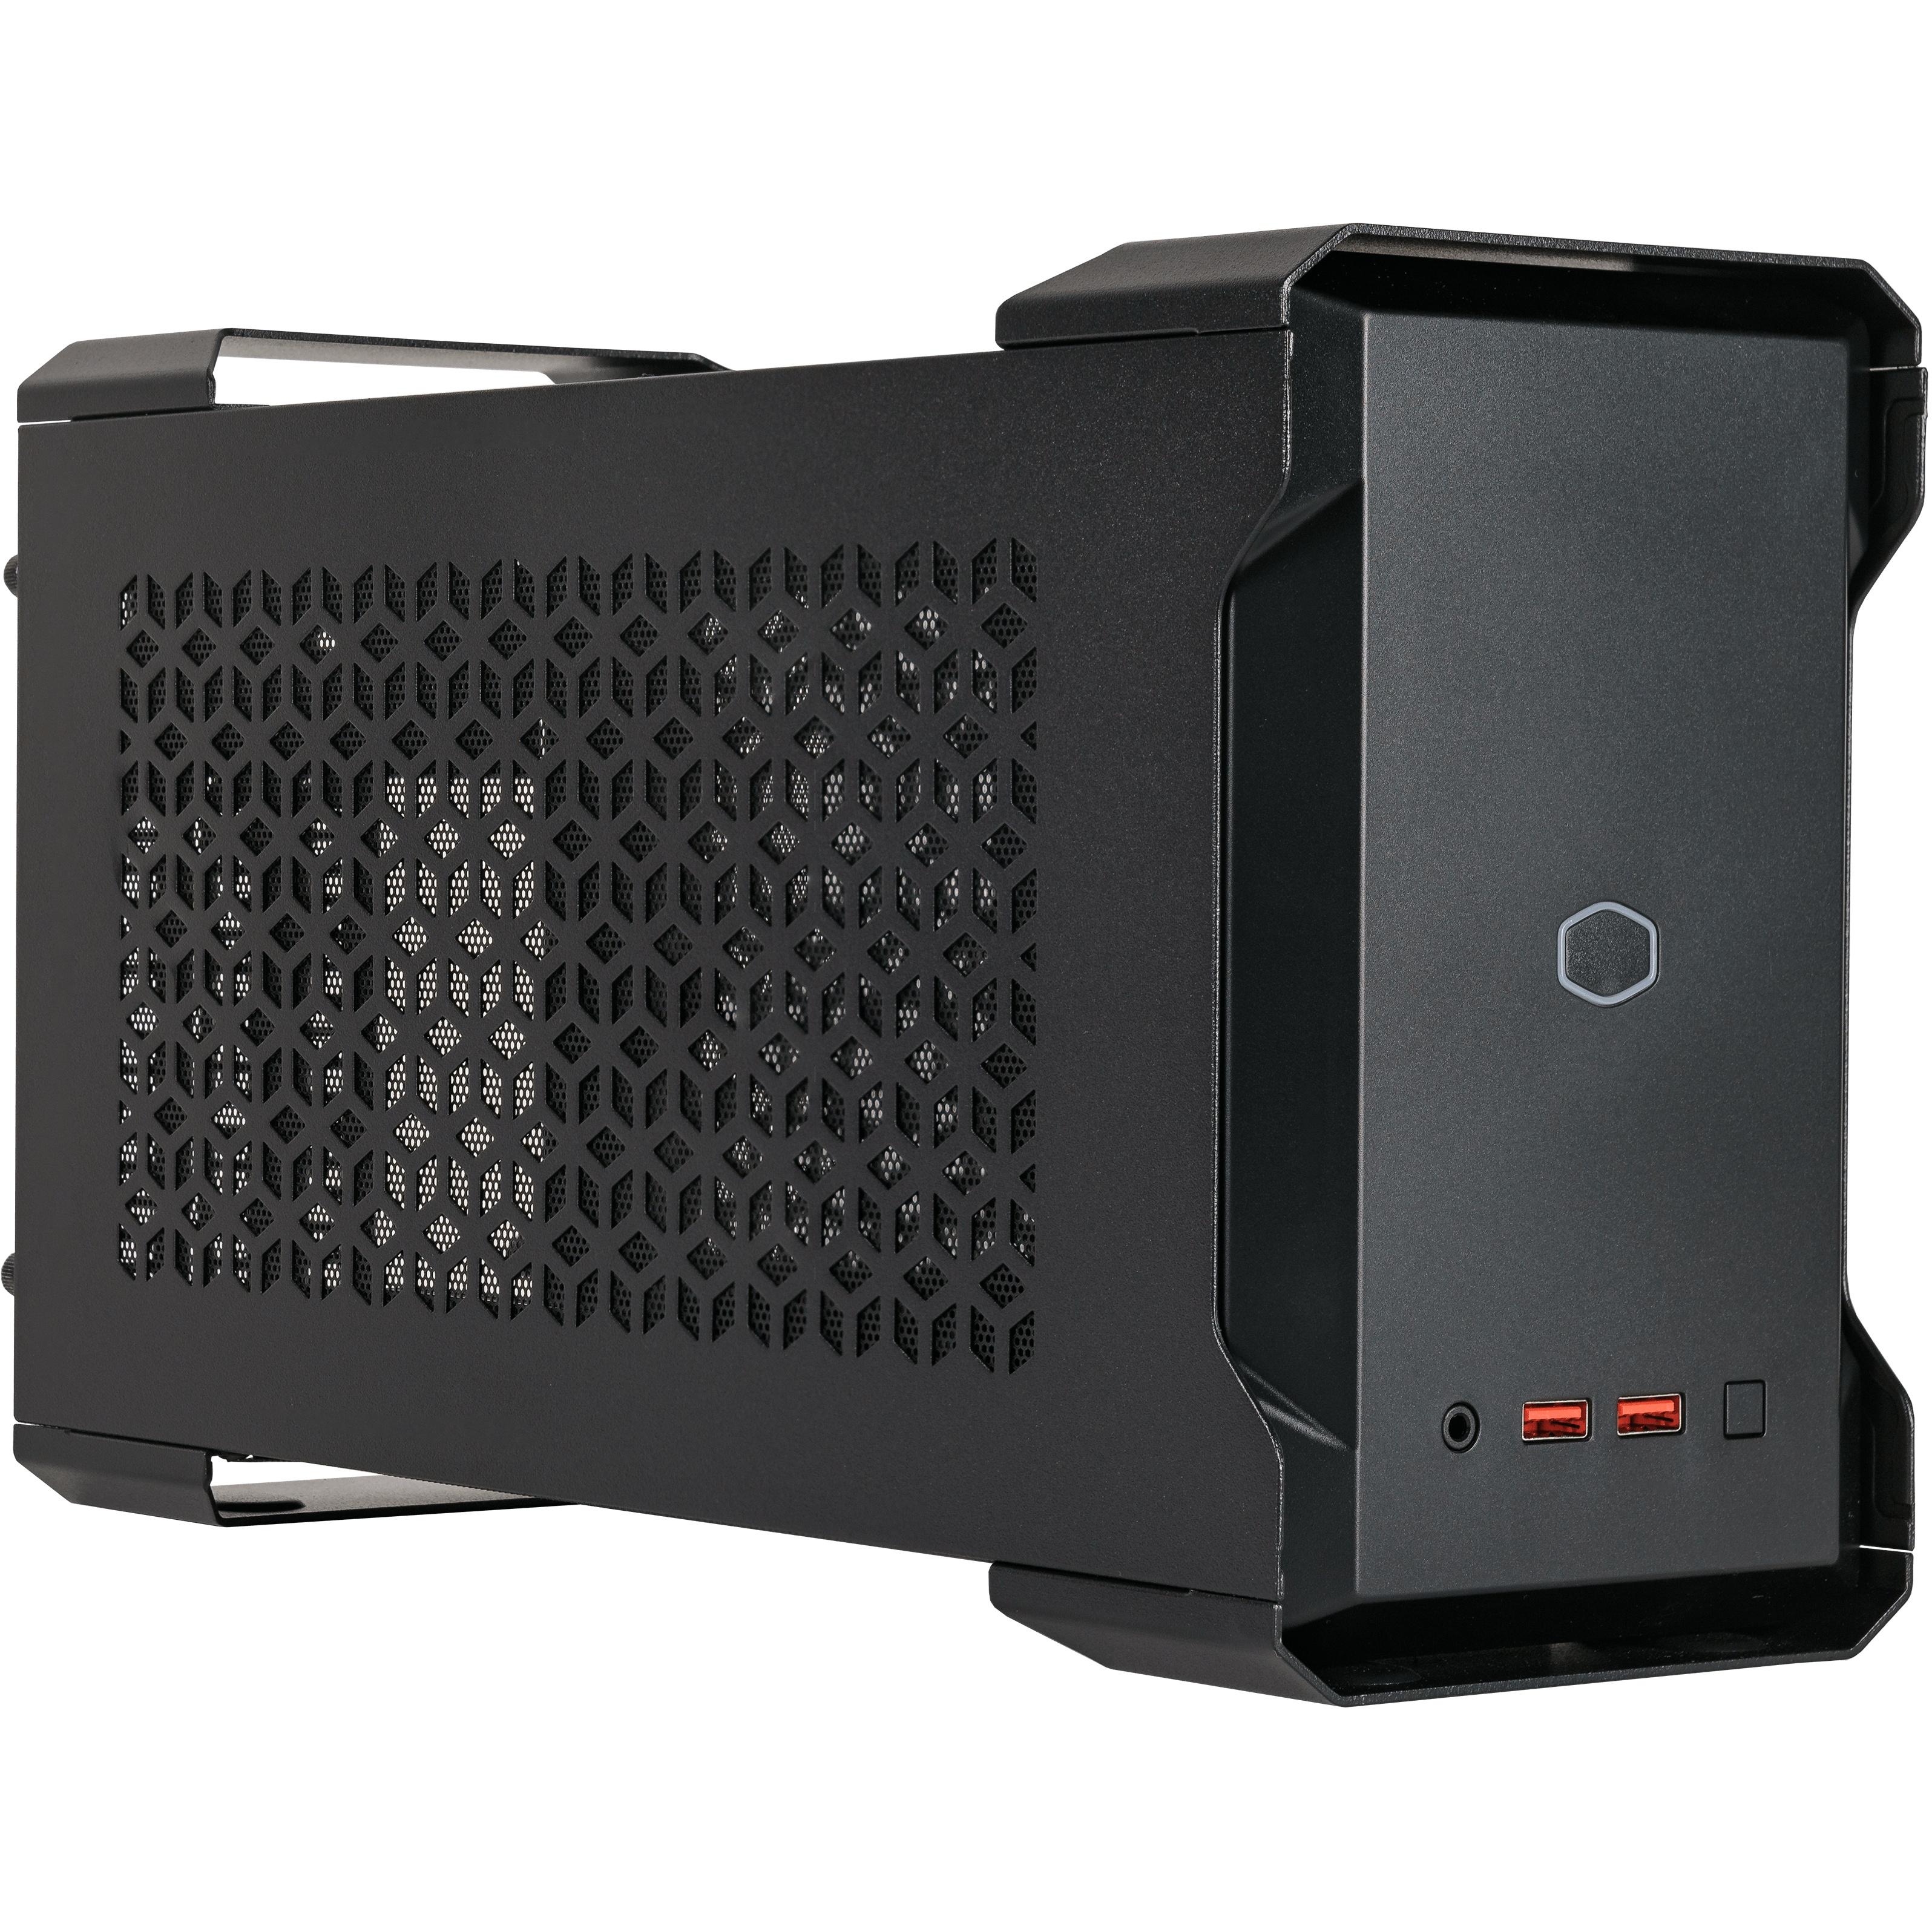 Mastercase nc100 black, intel nuc 9 extreme compute element compatible,con psu v gold sfx 650w,ultra compatto,argb controller